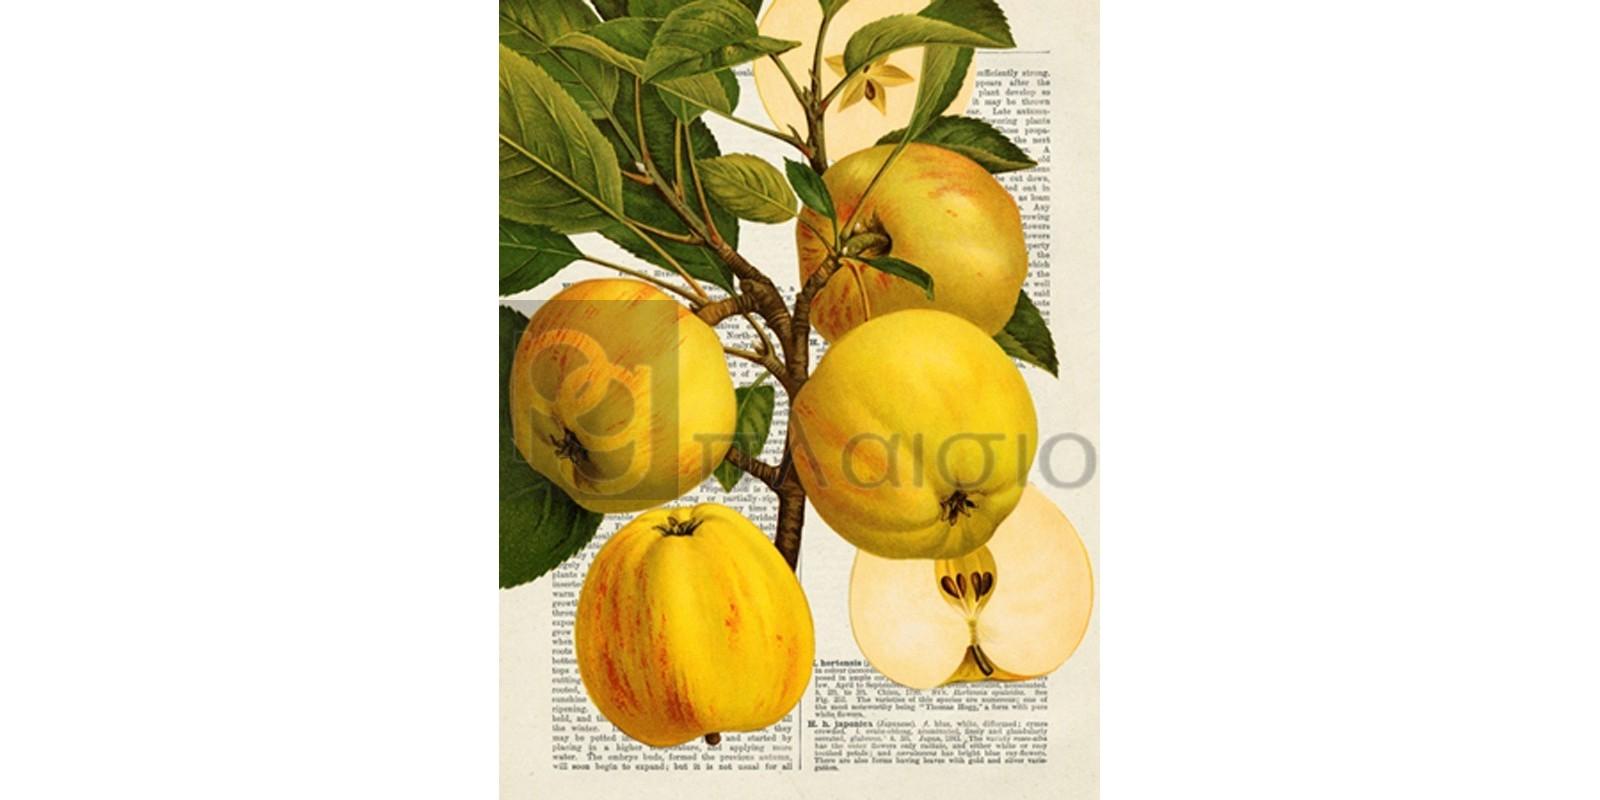 Remy Dellal - Fruits de saison, Pommes